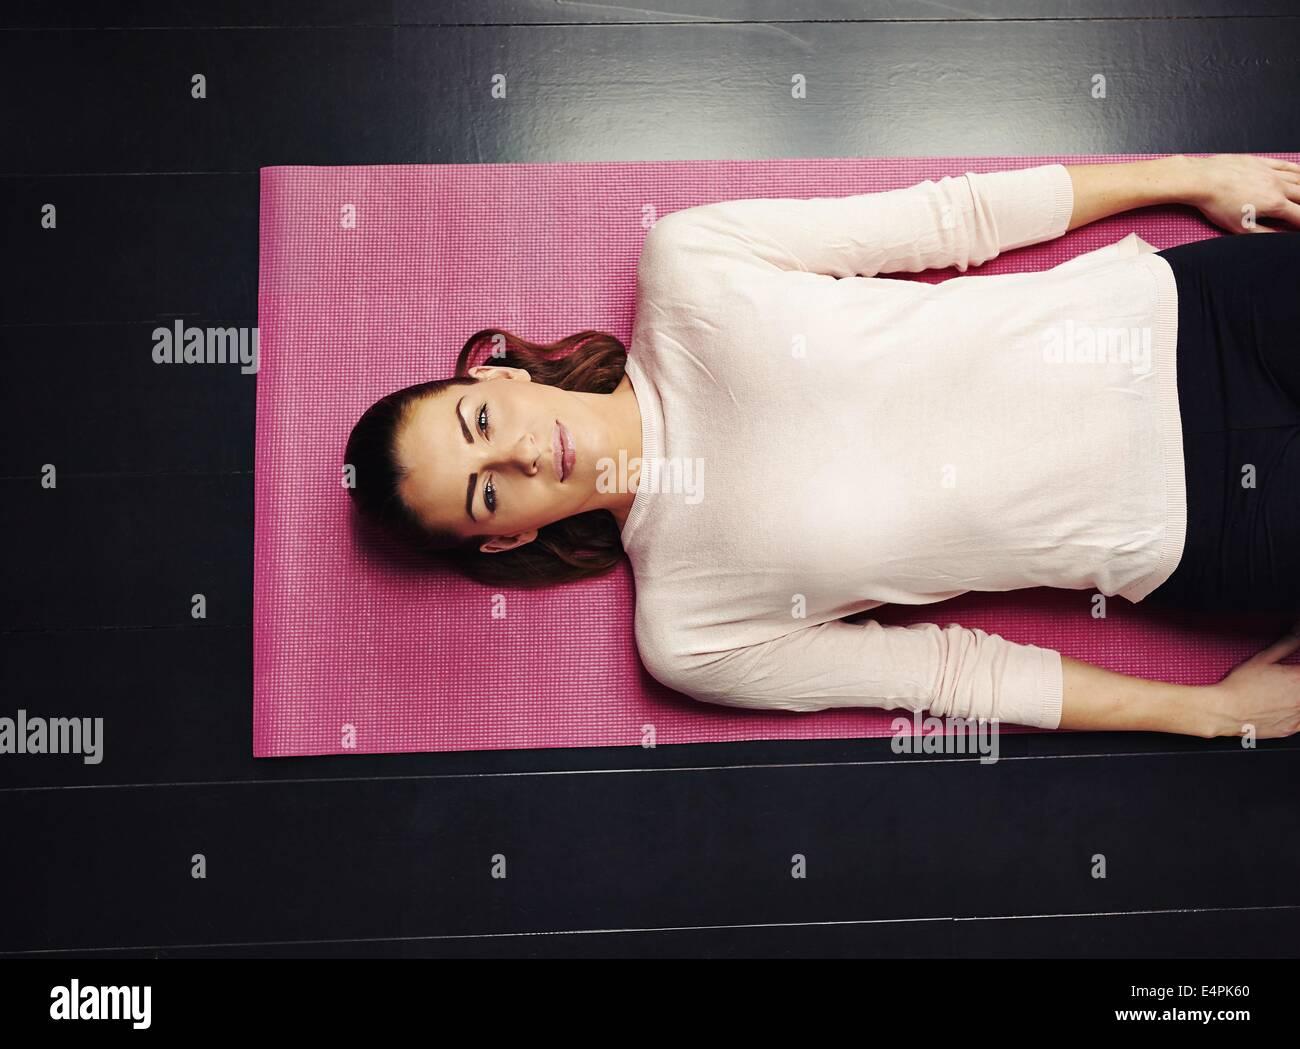 Vue de dessus de belle jeune femme couchée sur un tapis de yoga après entraînement. Mettre en place Photo Stock